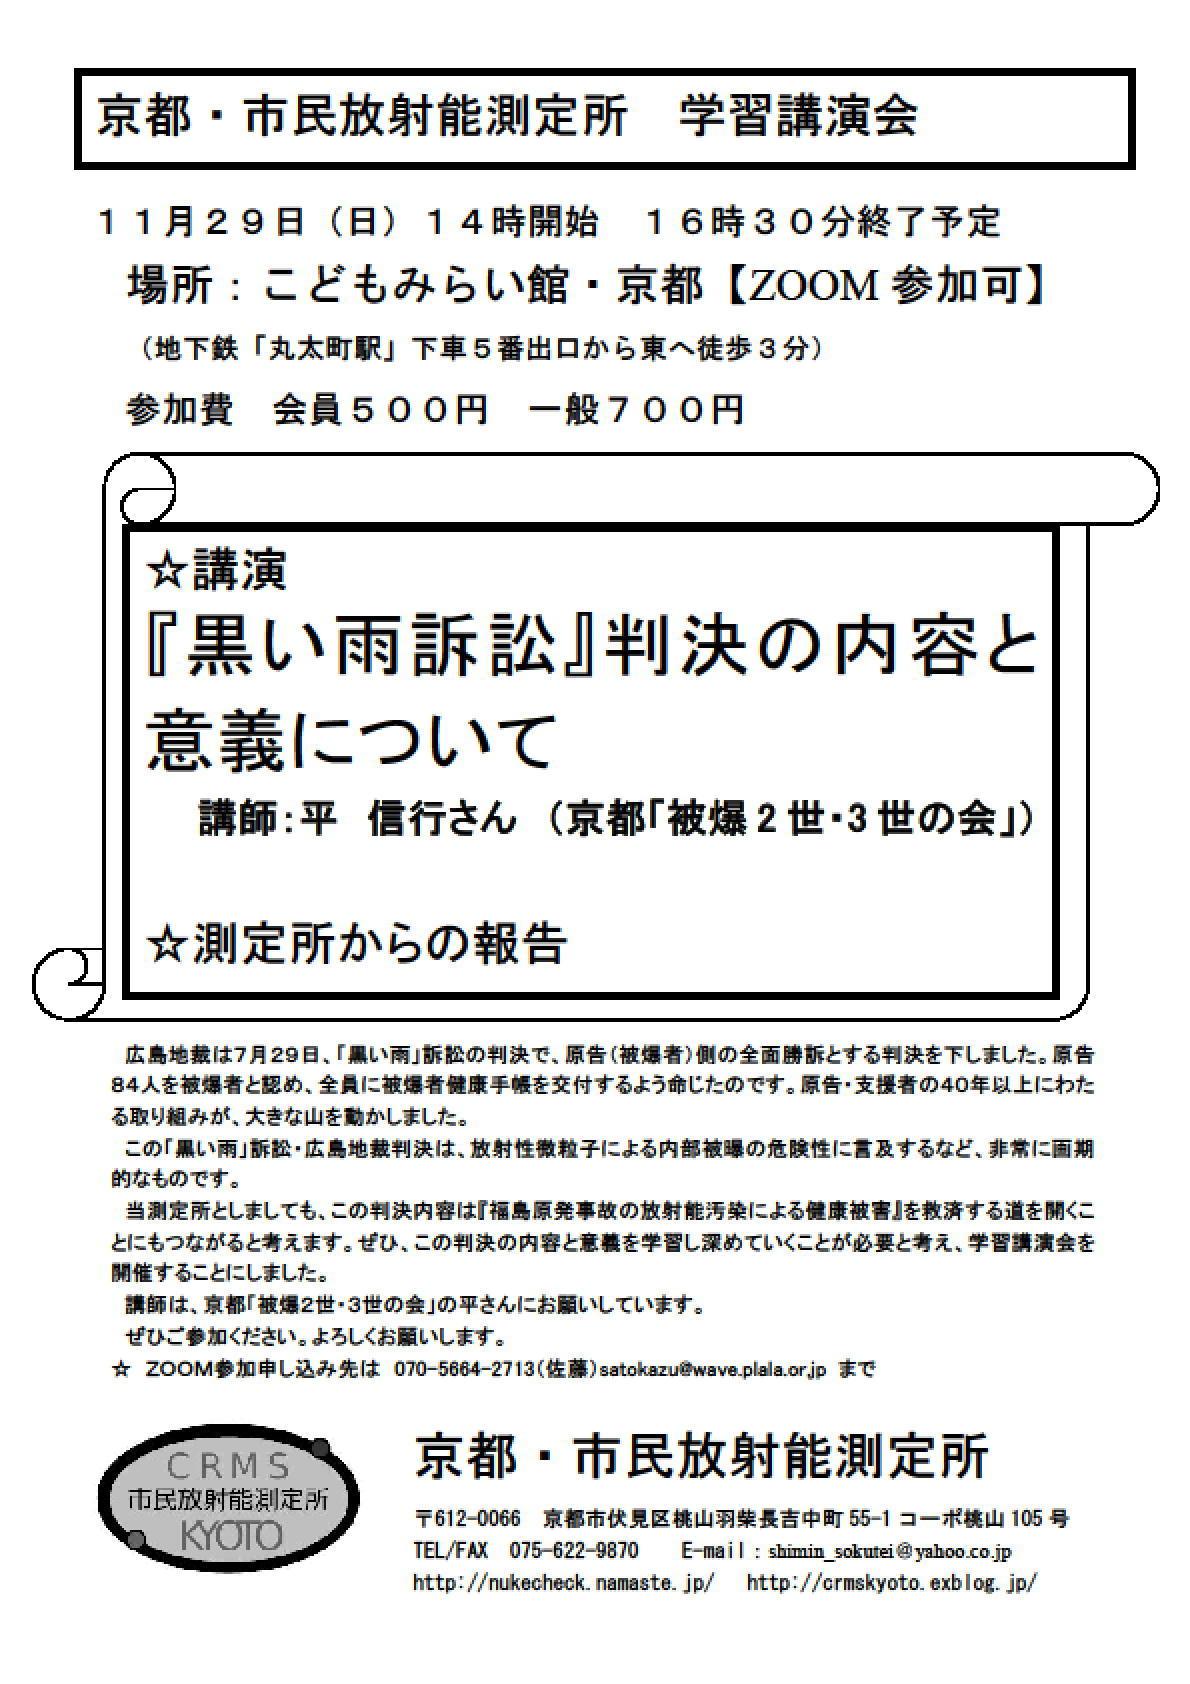 【ご案内】京都・市民放射能測定所 学習講演会 _c0233009_14442505.jpg